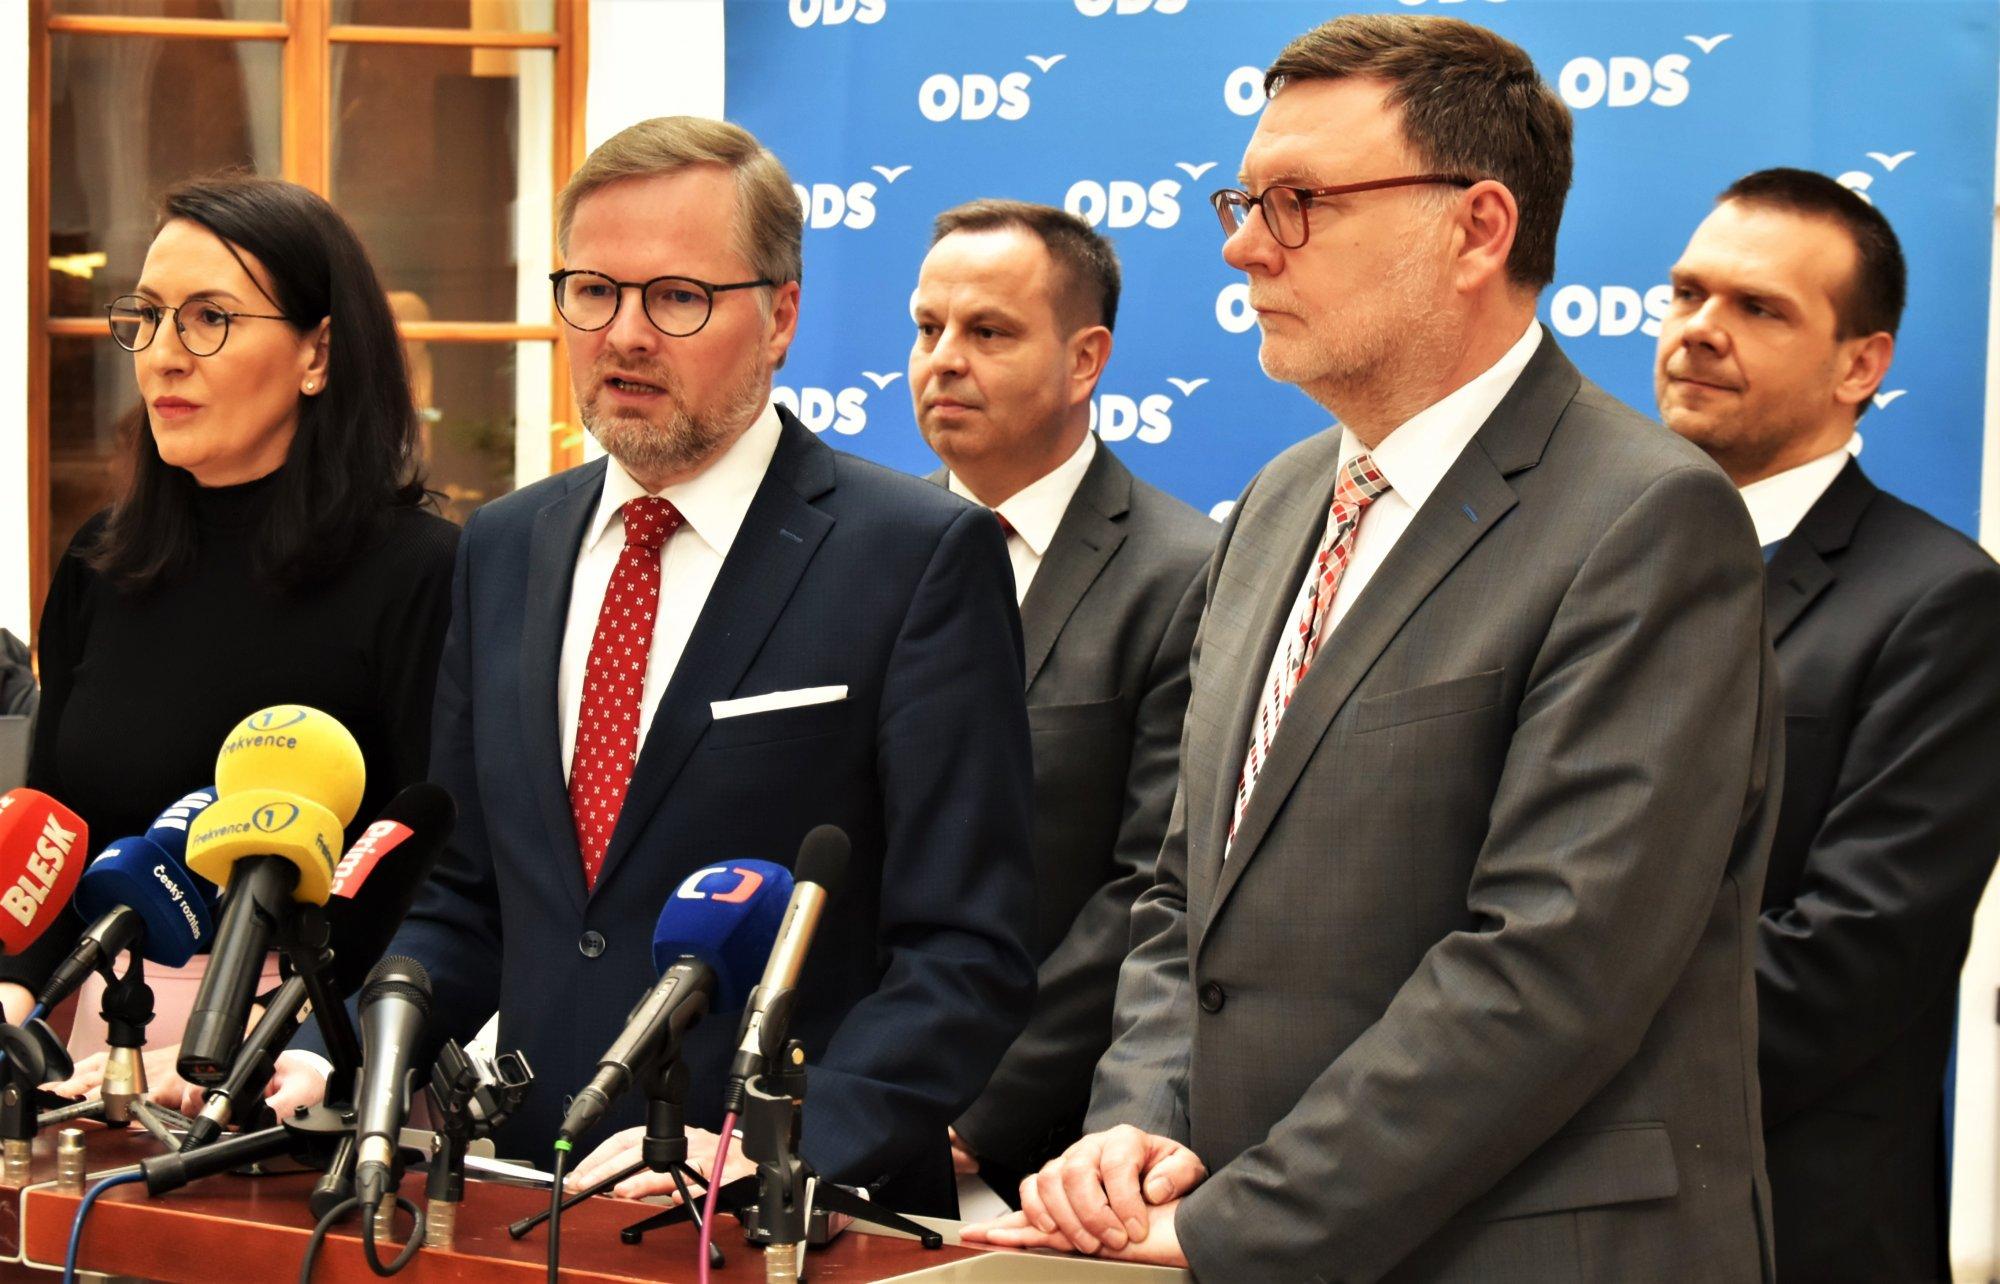 ODS: Ministři se o návrhy hádají jak na tureckém trhu. My máme jasnou koncepci důchodové a prorodinné politiky